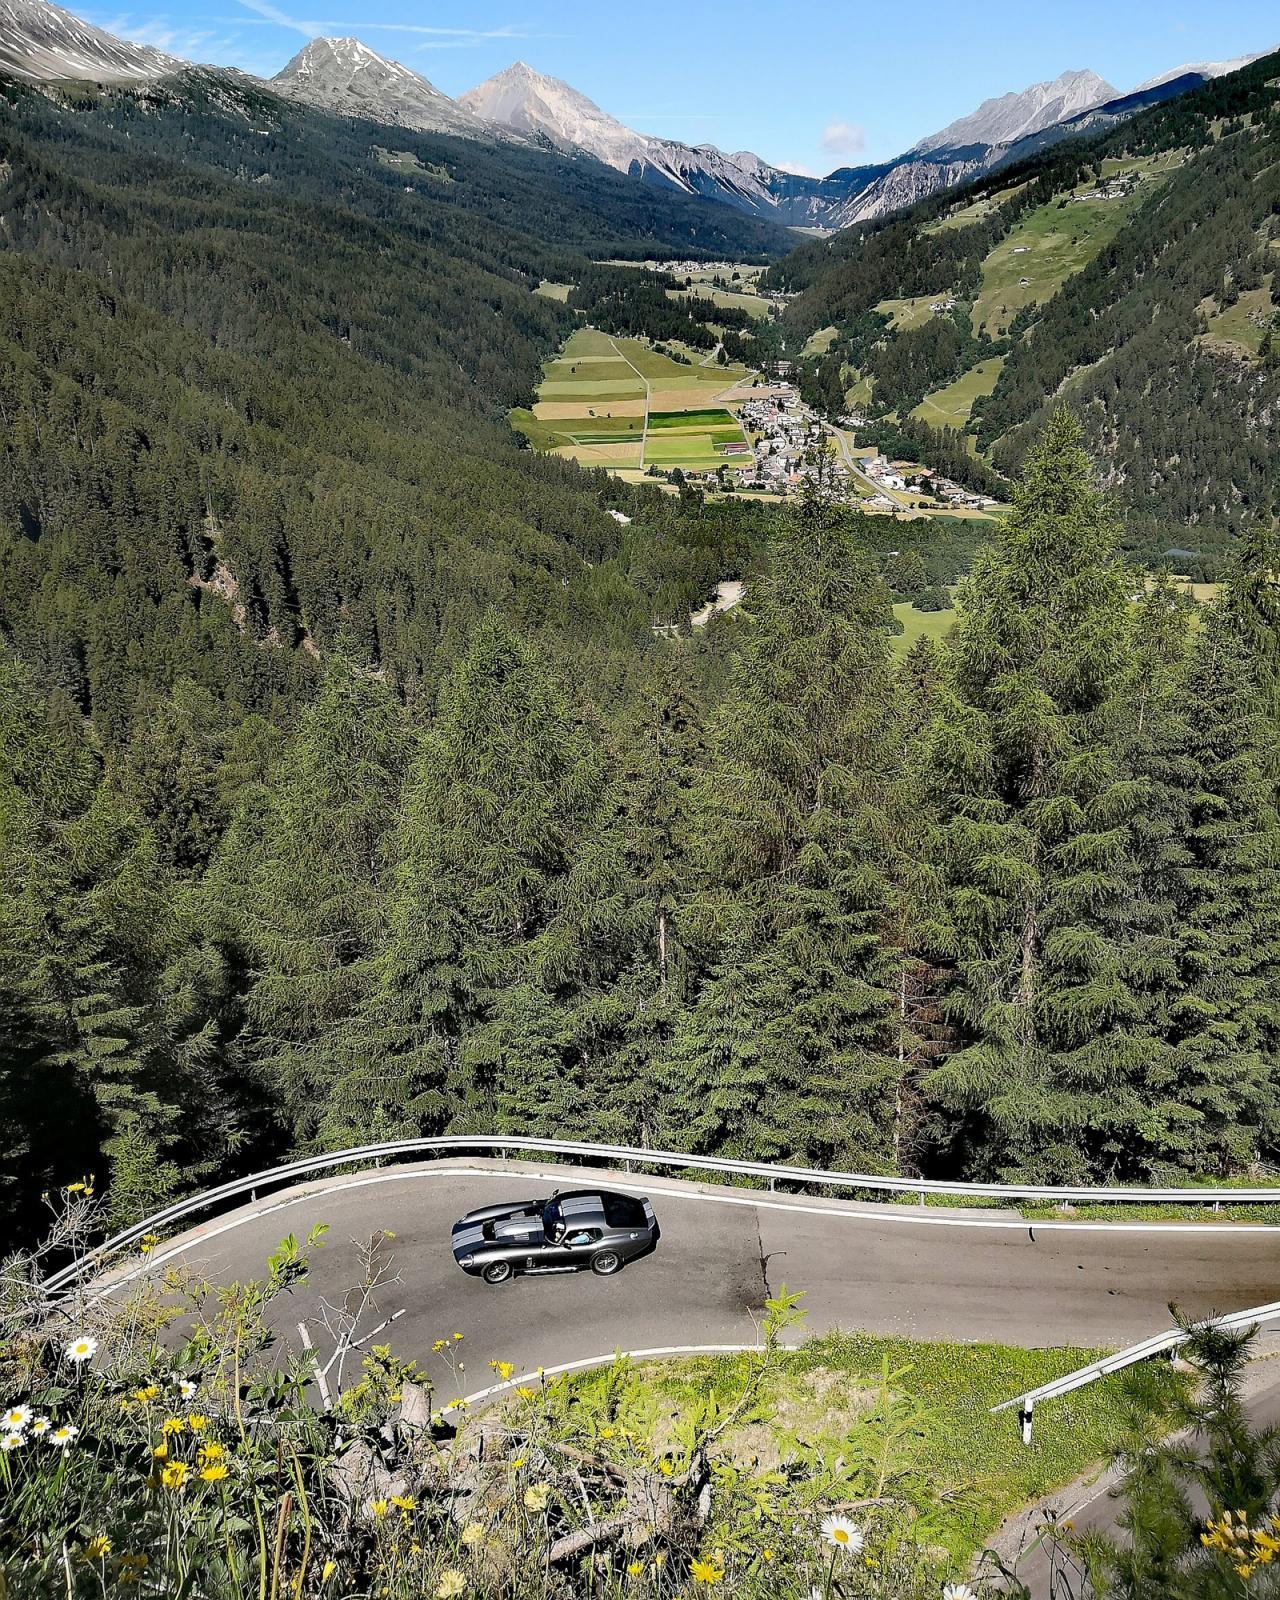 När vi körde pågick en veteranbilsträff och rikligt med AC Cobra, Ferrari och andra dyrgripar rastades uppför Umbrailpasset.